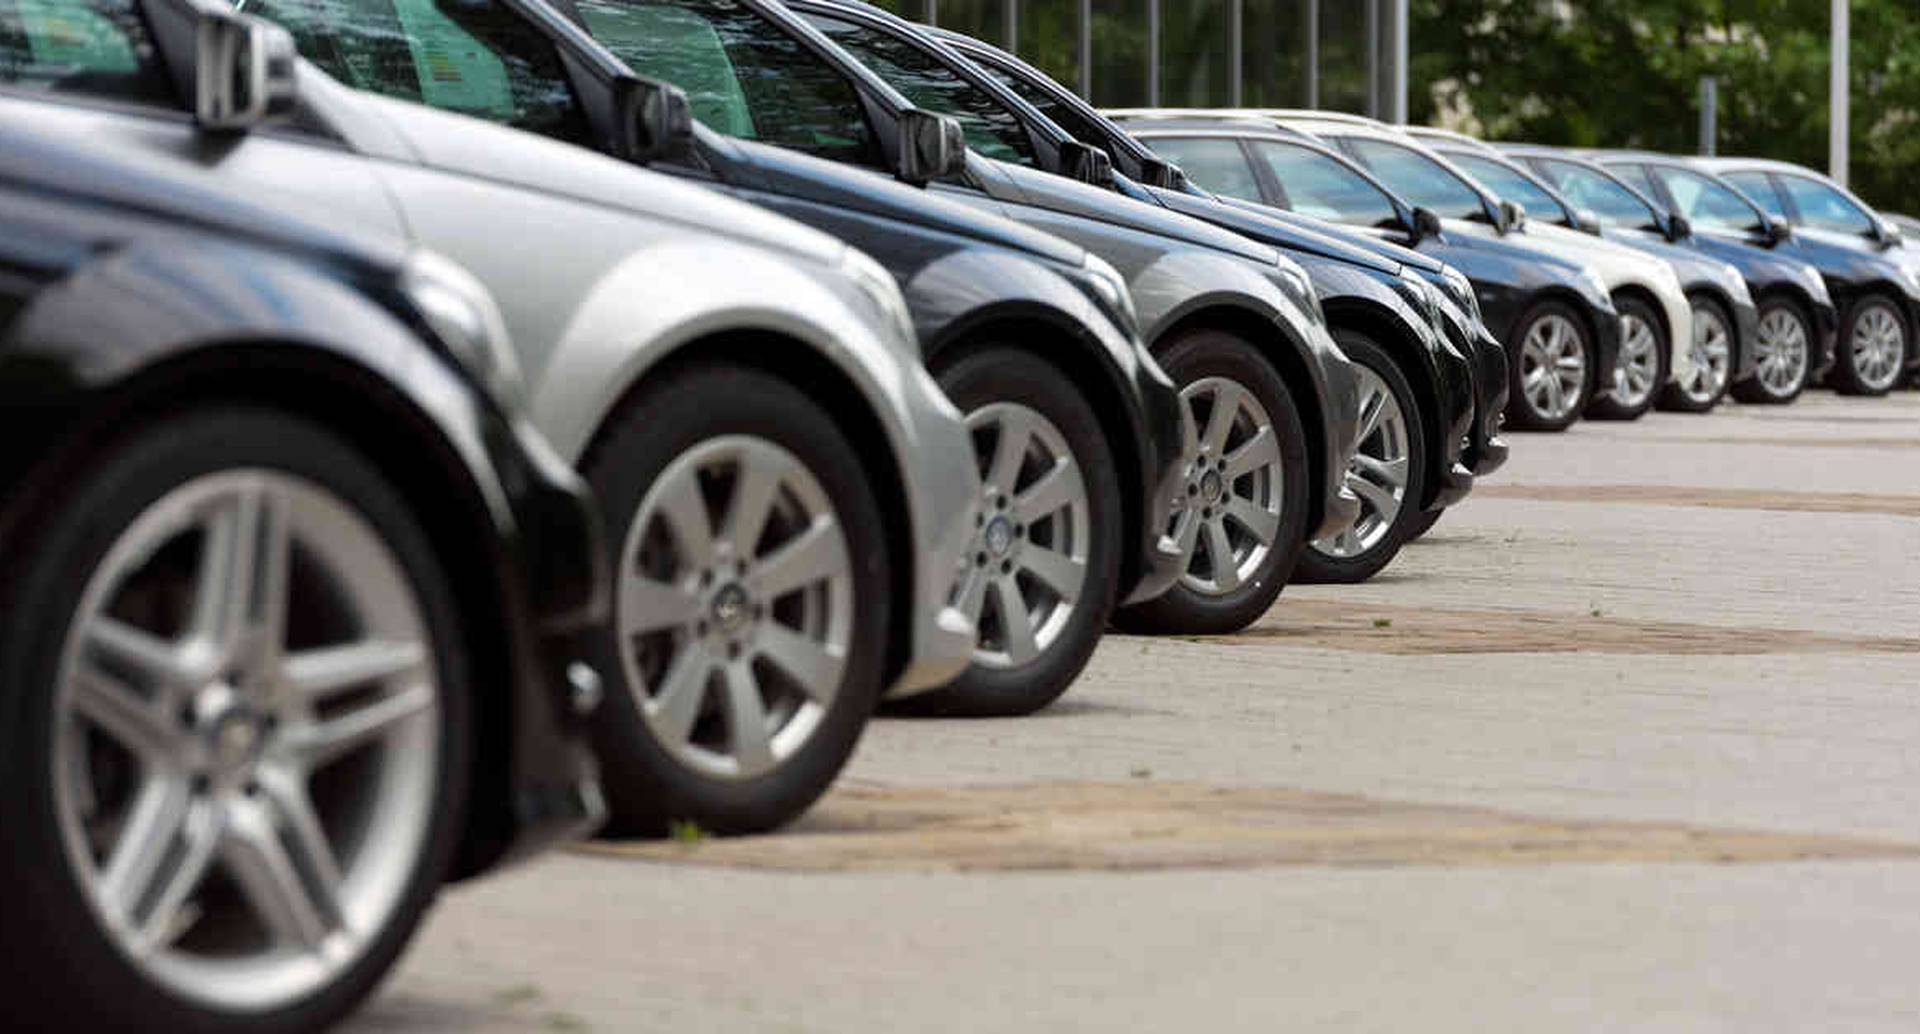 La idea es salir del inventario de carros que dejará la caída de las ventas y dinamizar el sector.